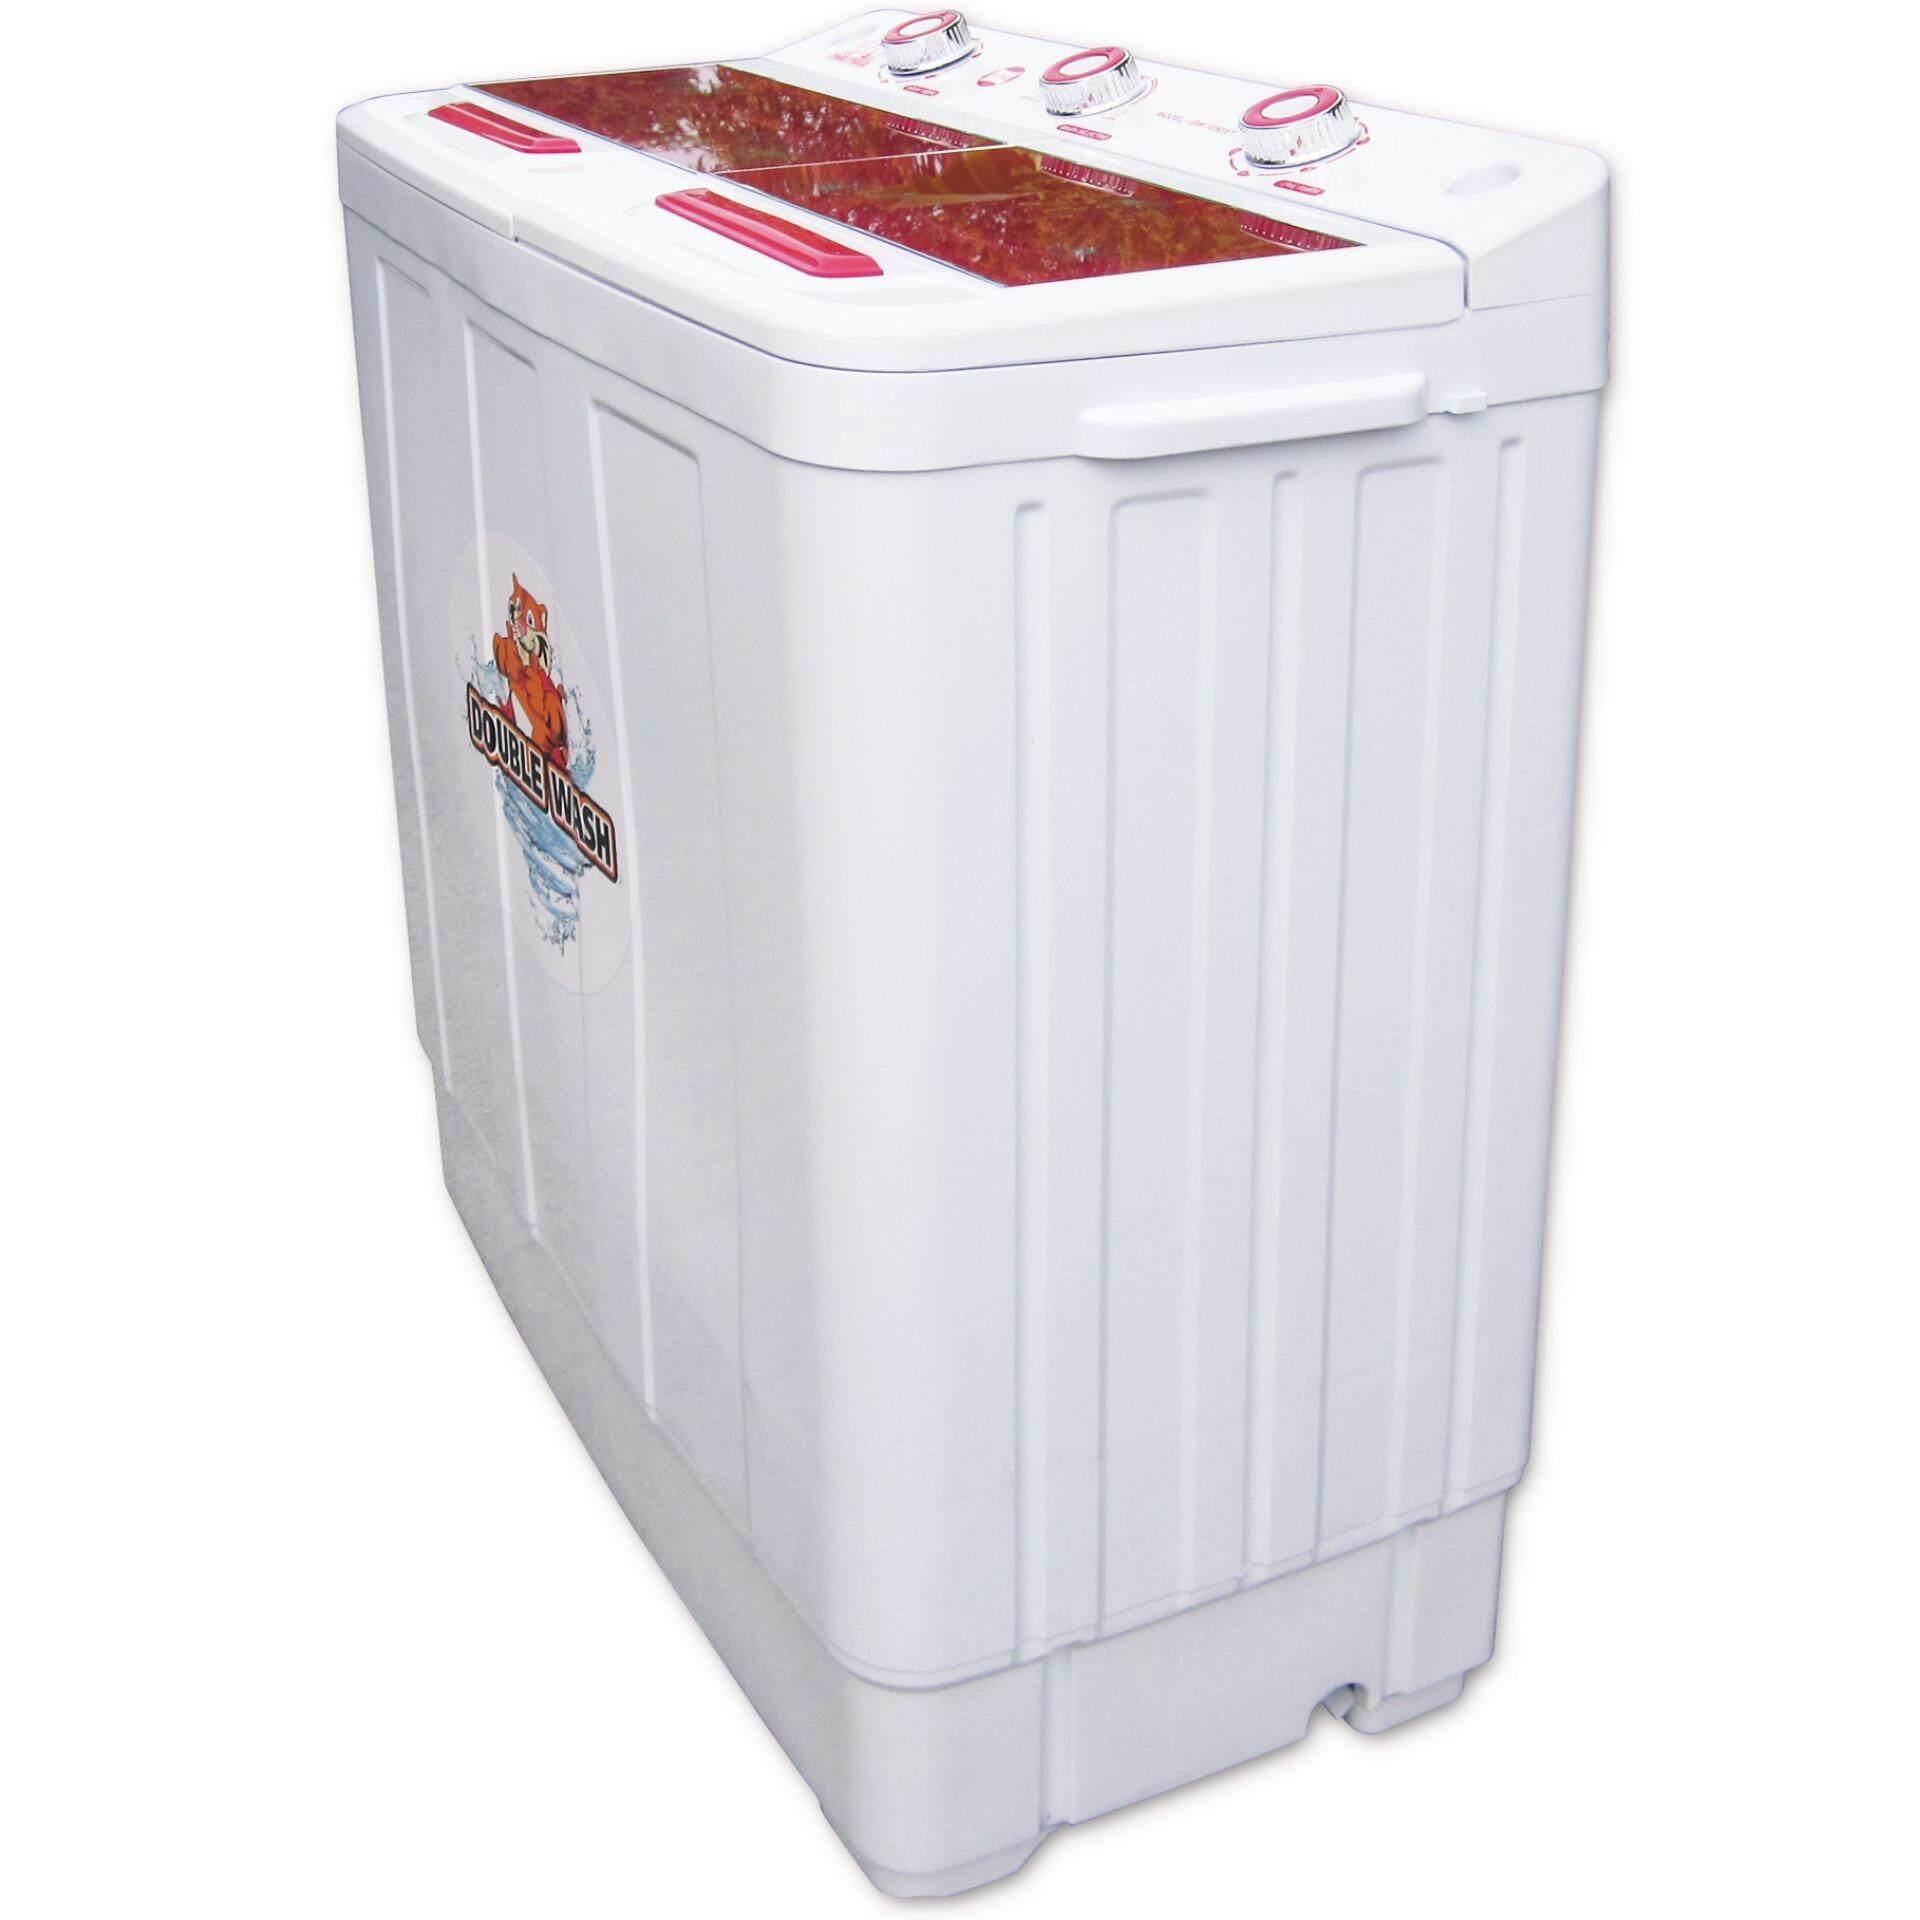 ลดต้อนรับปีใหม่ เครื่องซักผ้า แอลจี -10% LG เครื่องซักผ้า 2 ถัง ขนาด14 ก.ก รุ่น WP-1650WST อ่านรีวิวจากผู้ซื้อจริง